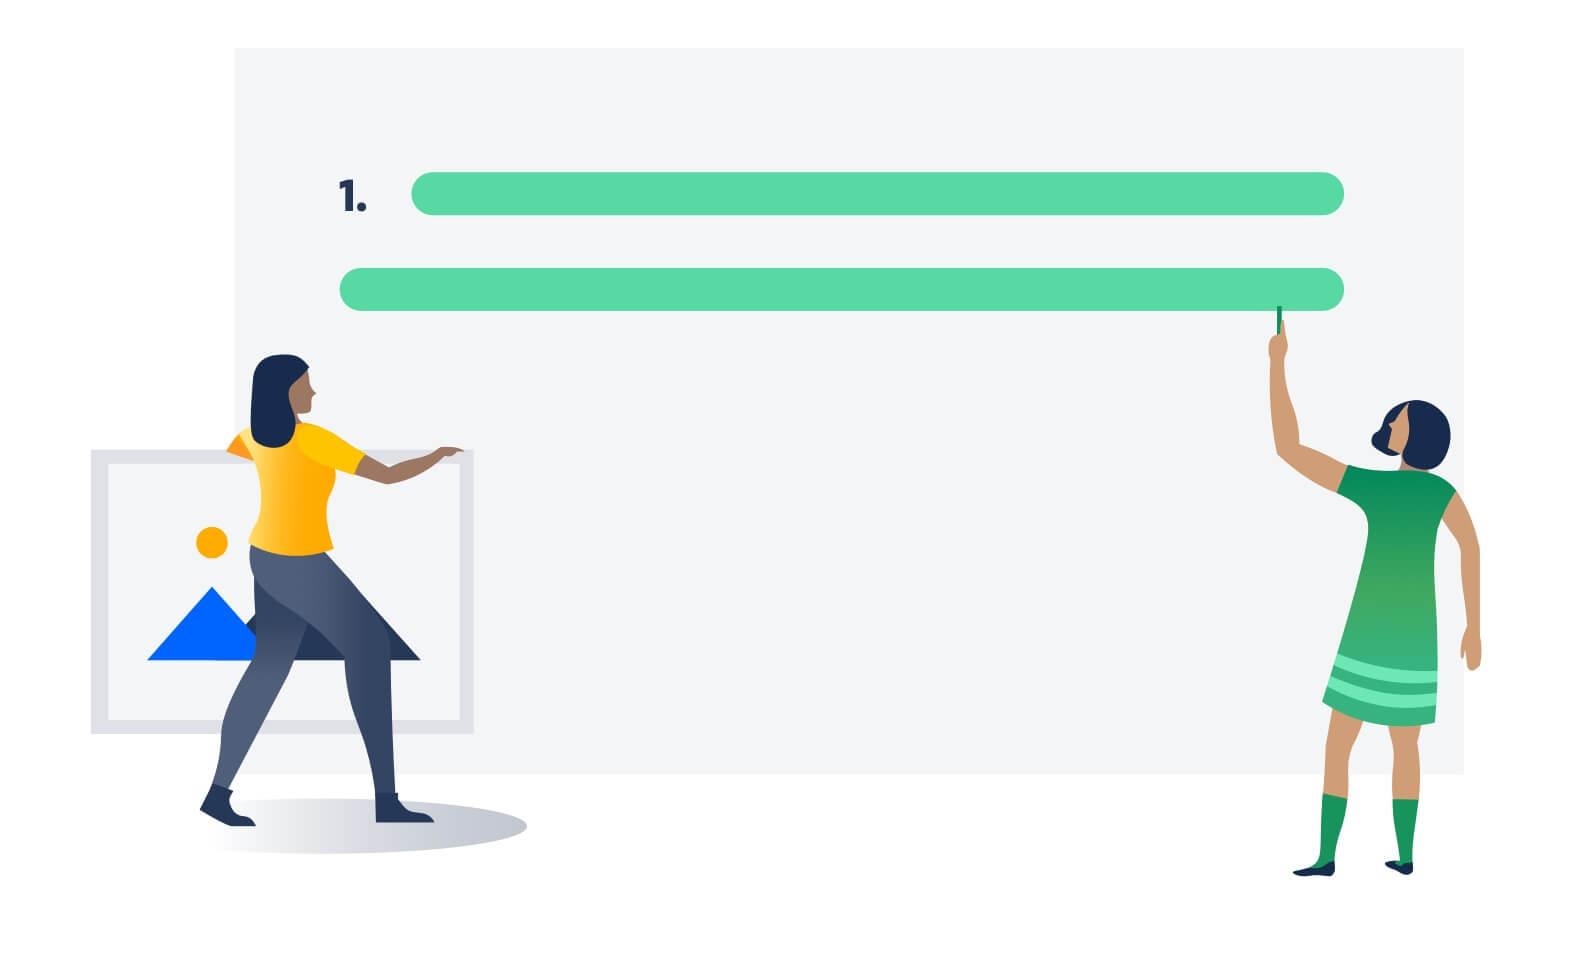 ステップ 3. 図、グラフィック、スクリーンショットを用意する